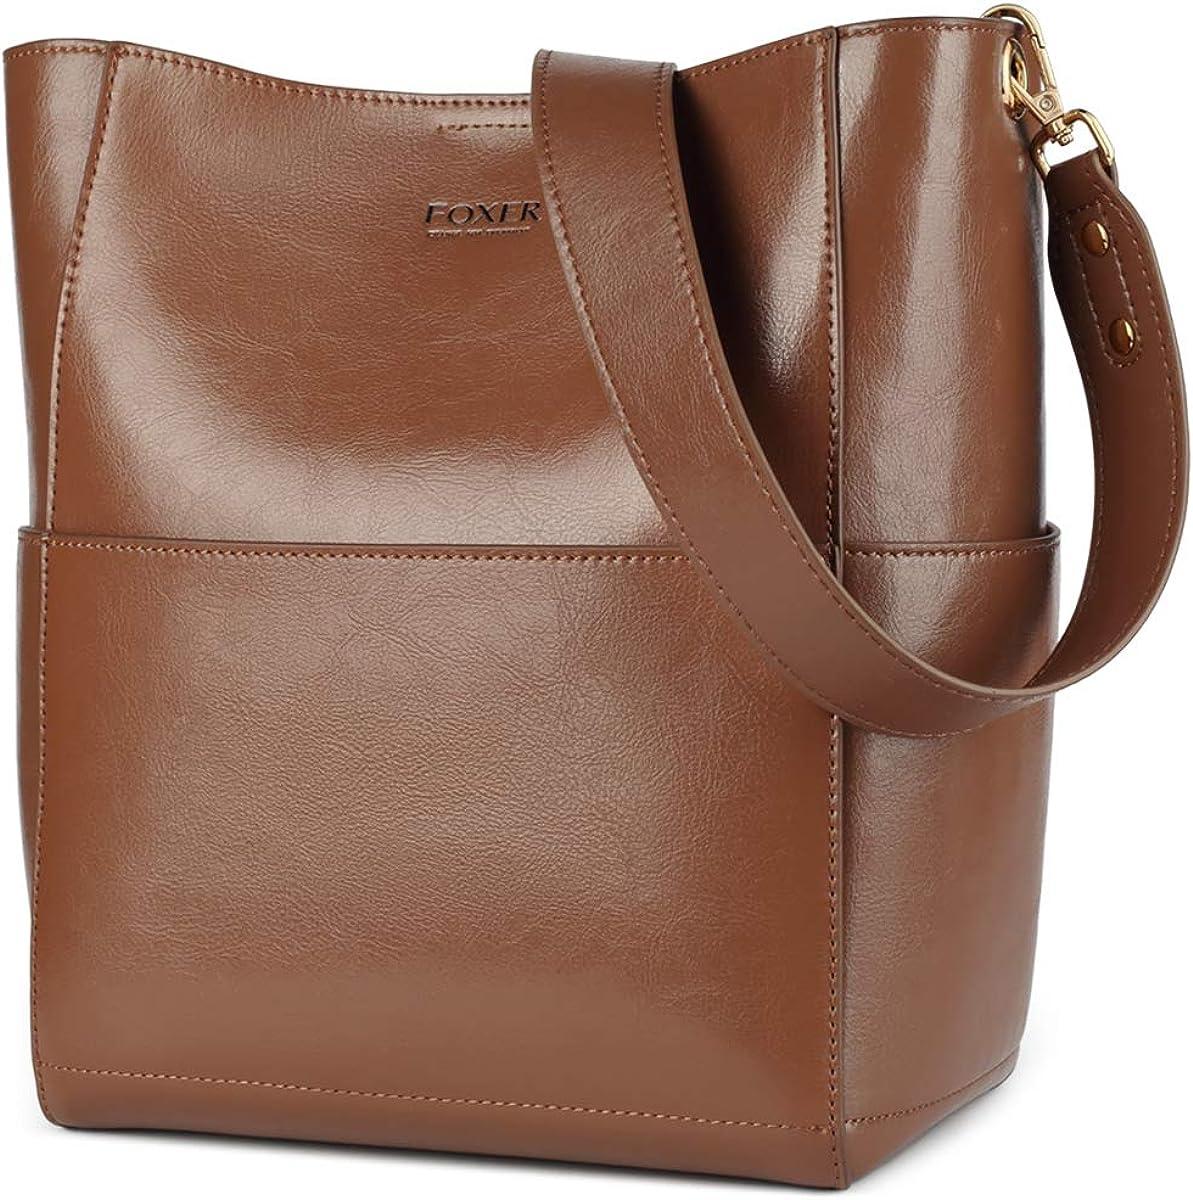 Genuine Leather Handbags for Women, Ladies Shoulder Bucket Bags Top-handle Bags